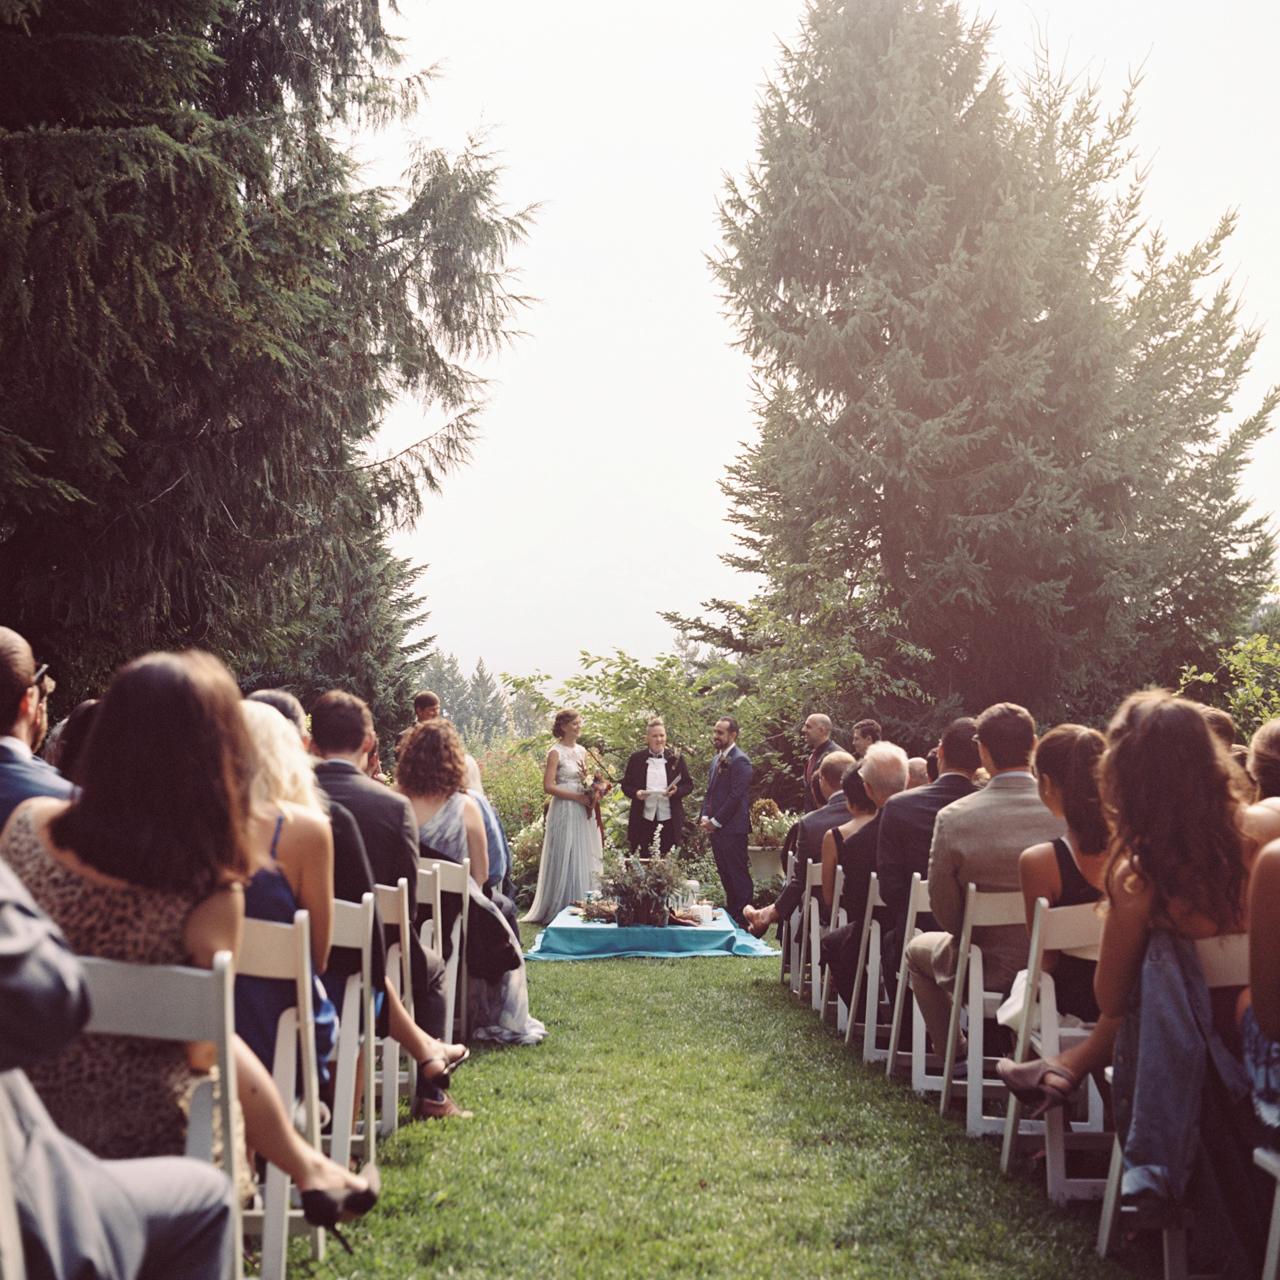 mt-hood-organic-farms-film-wedding-14a.jpg